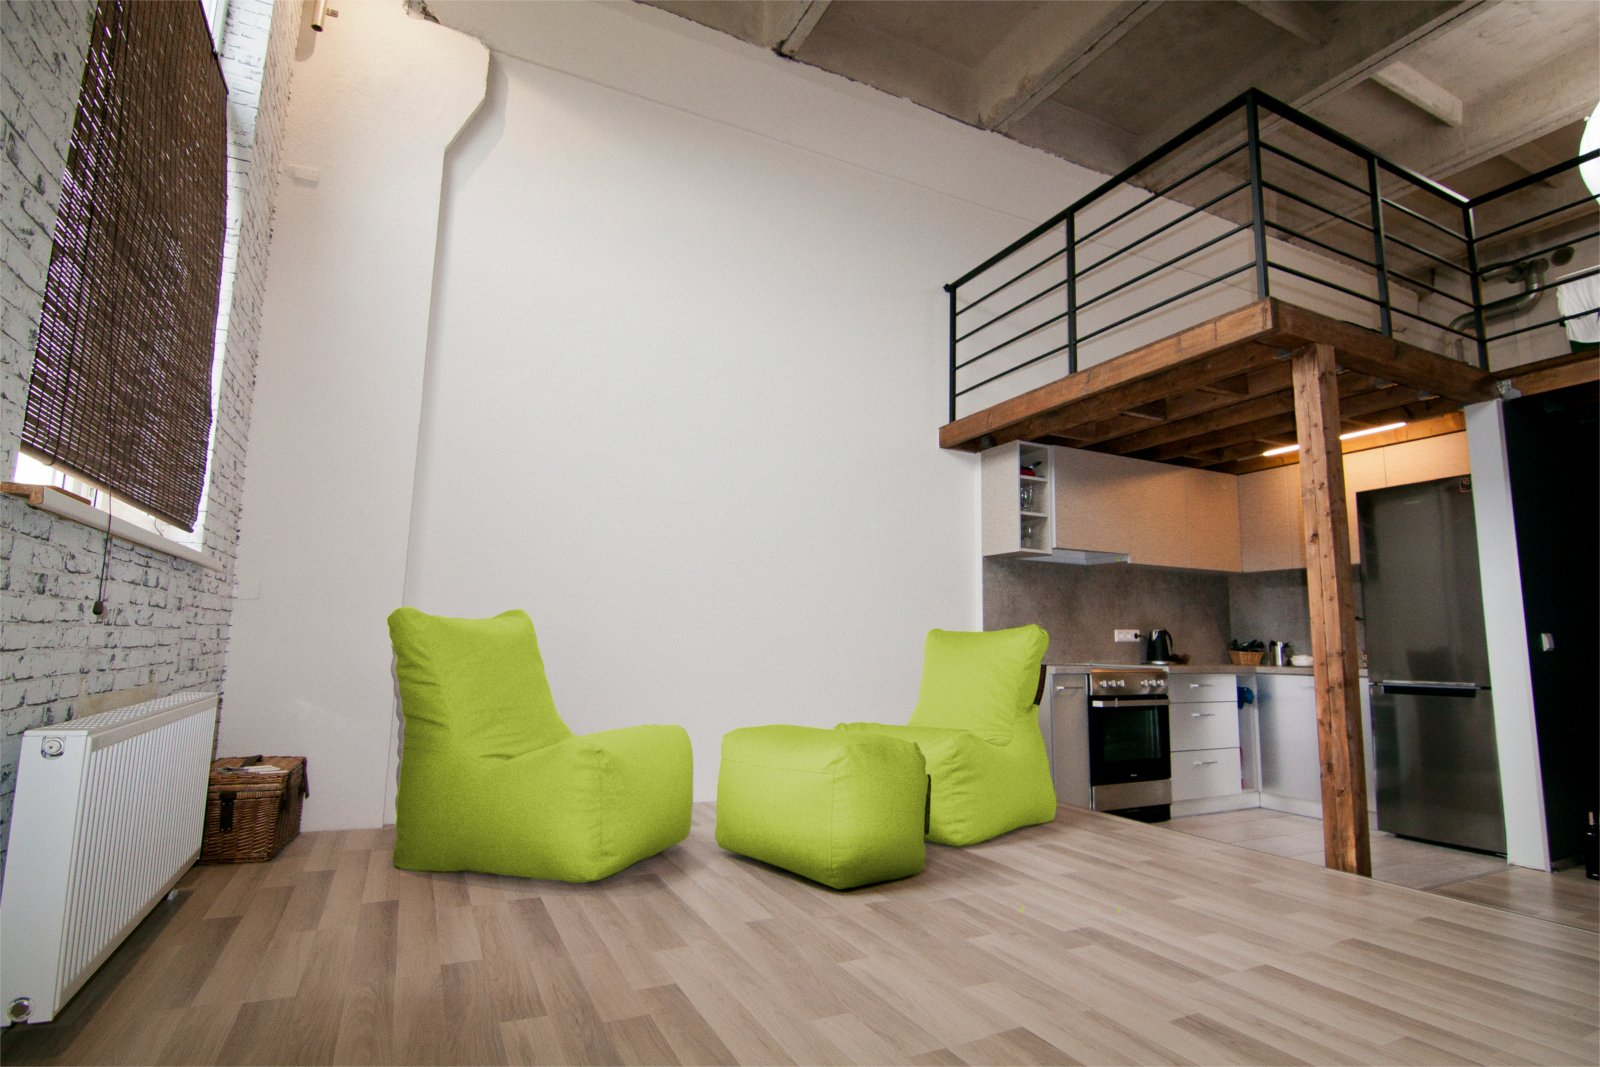 sitzsack sessel f r innen und au en g nstig online kaufen. Black Bedroom Furniture Sets. Home Design Ideas